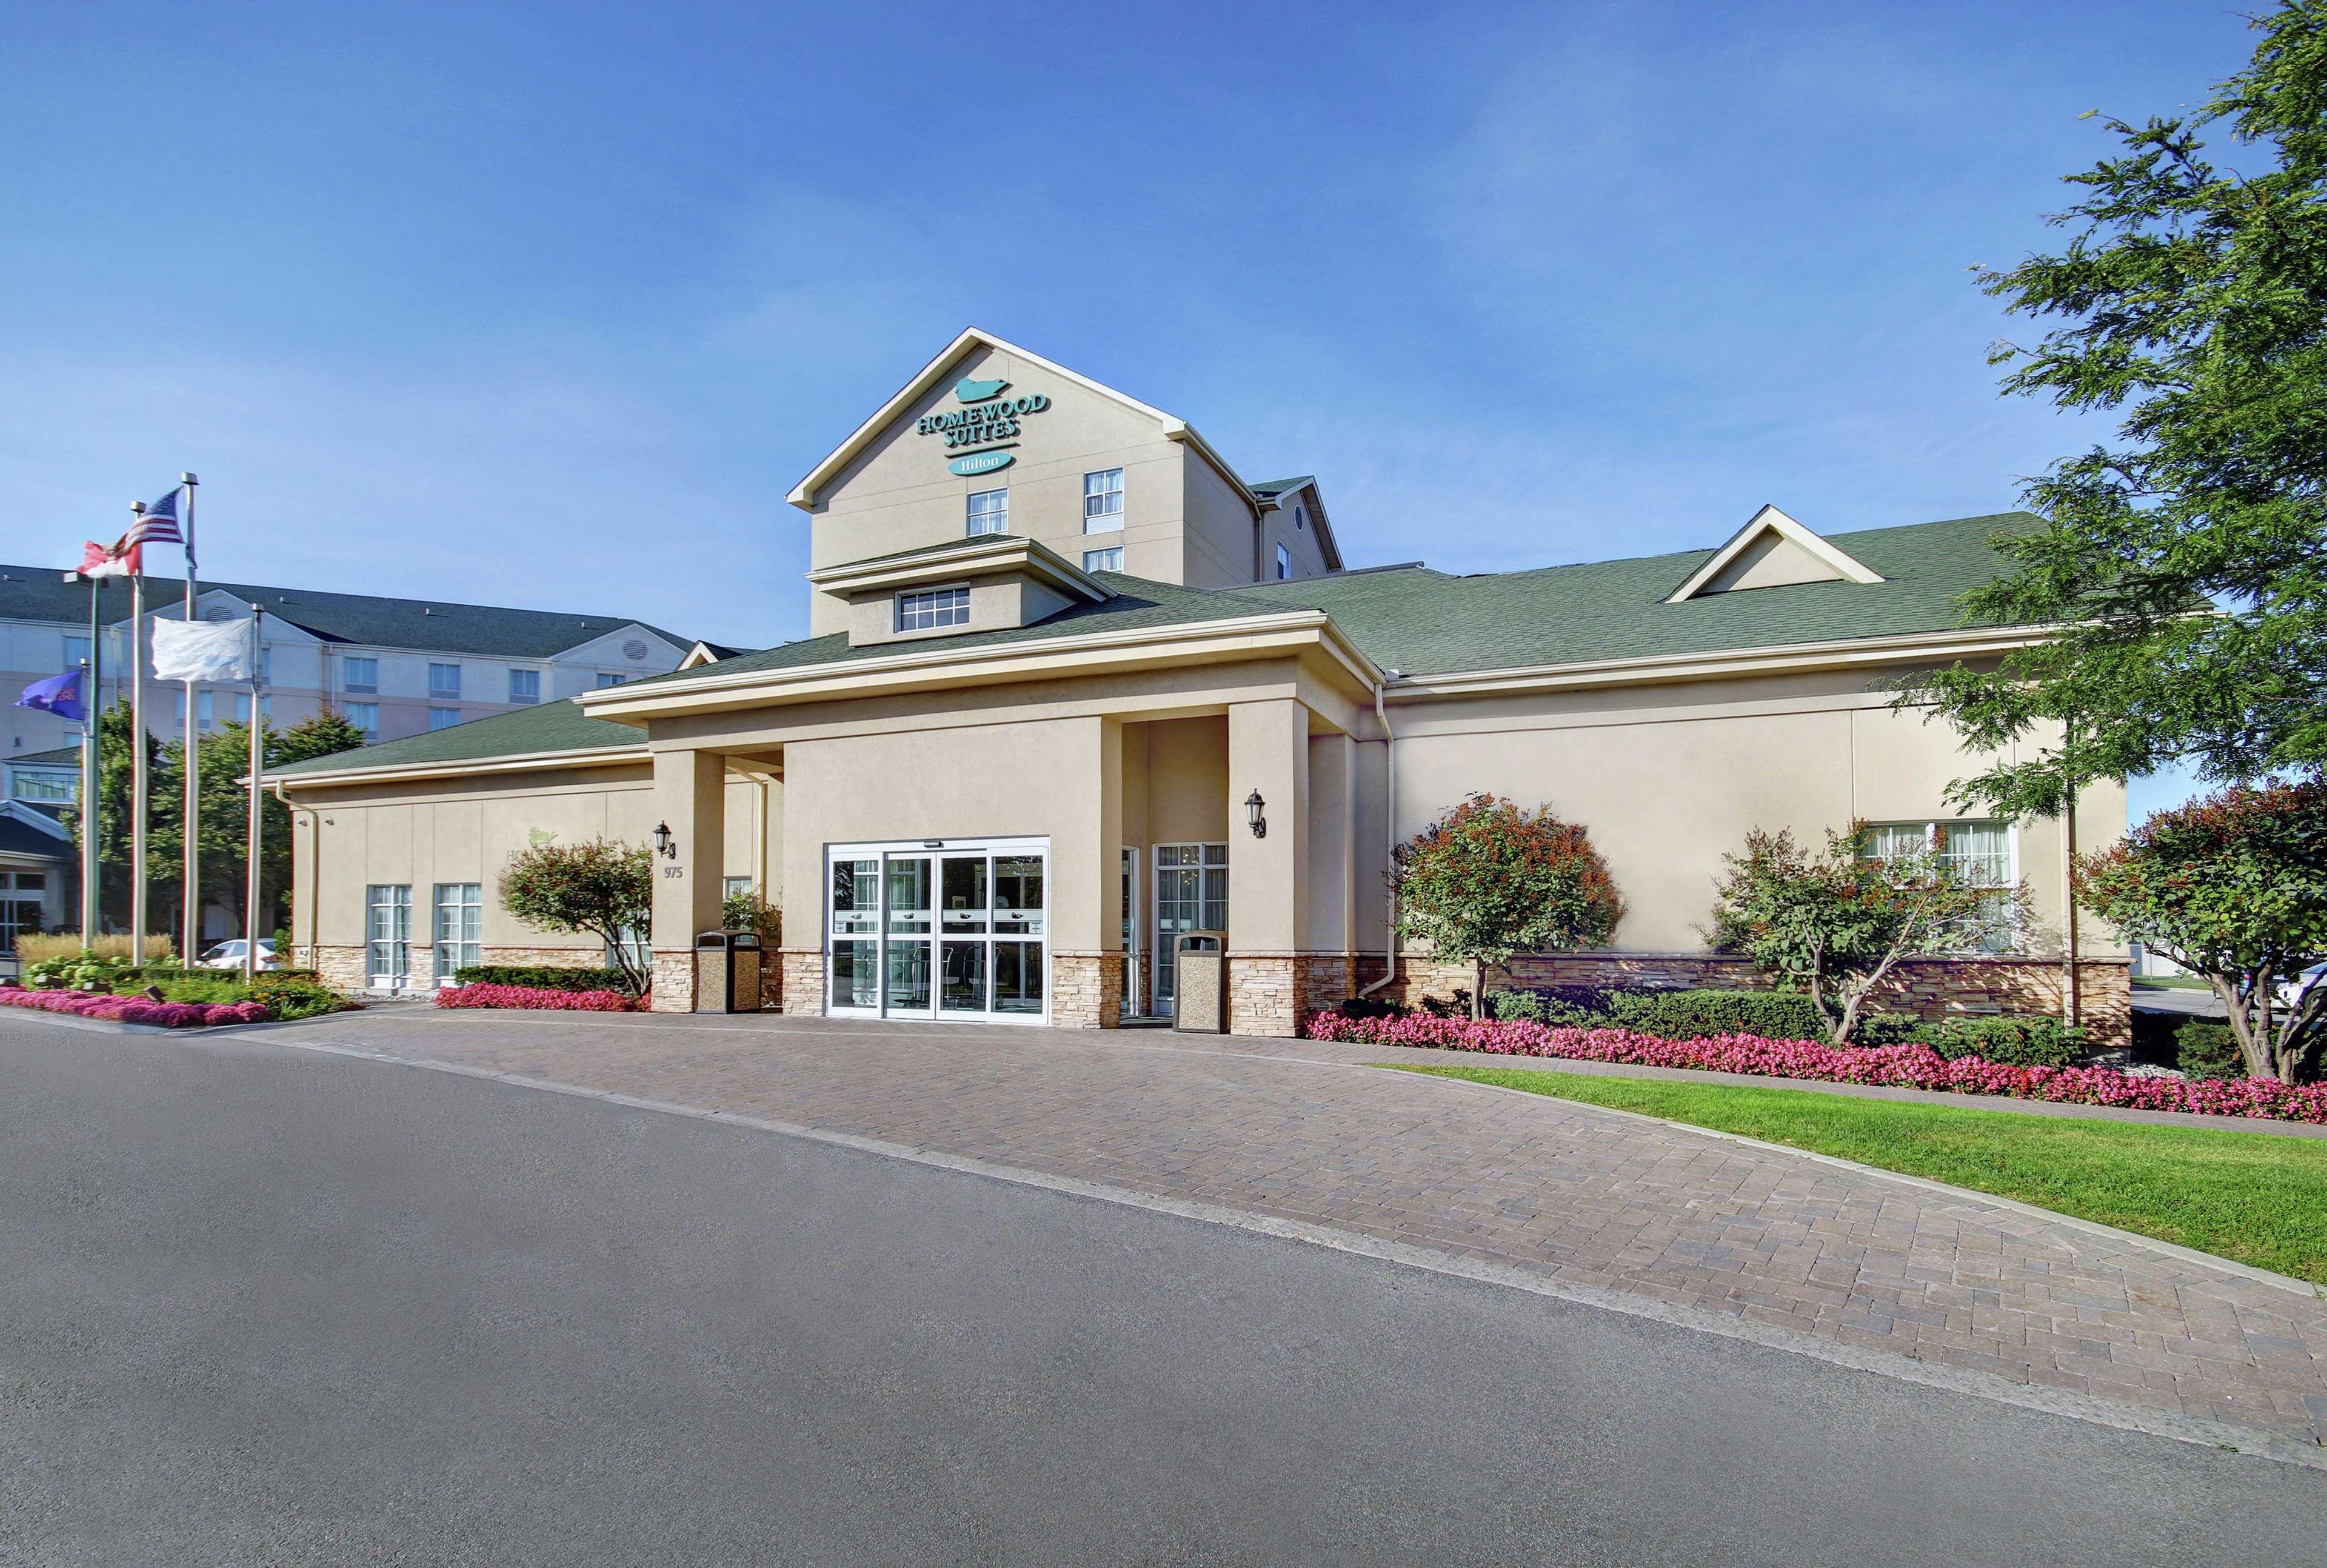 Homewood Suites by Hilton Burlington in Burlington: Exterior